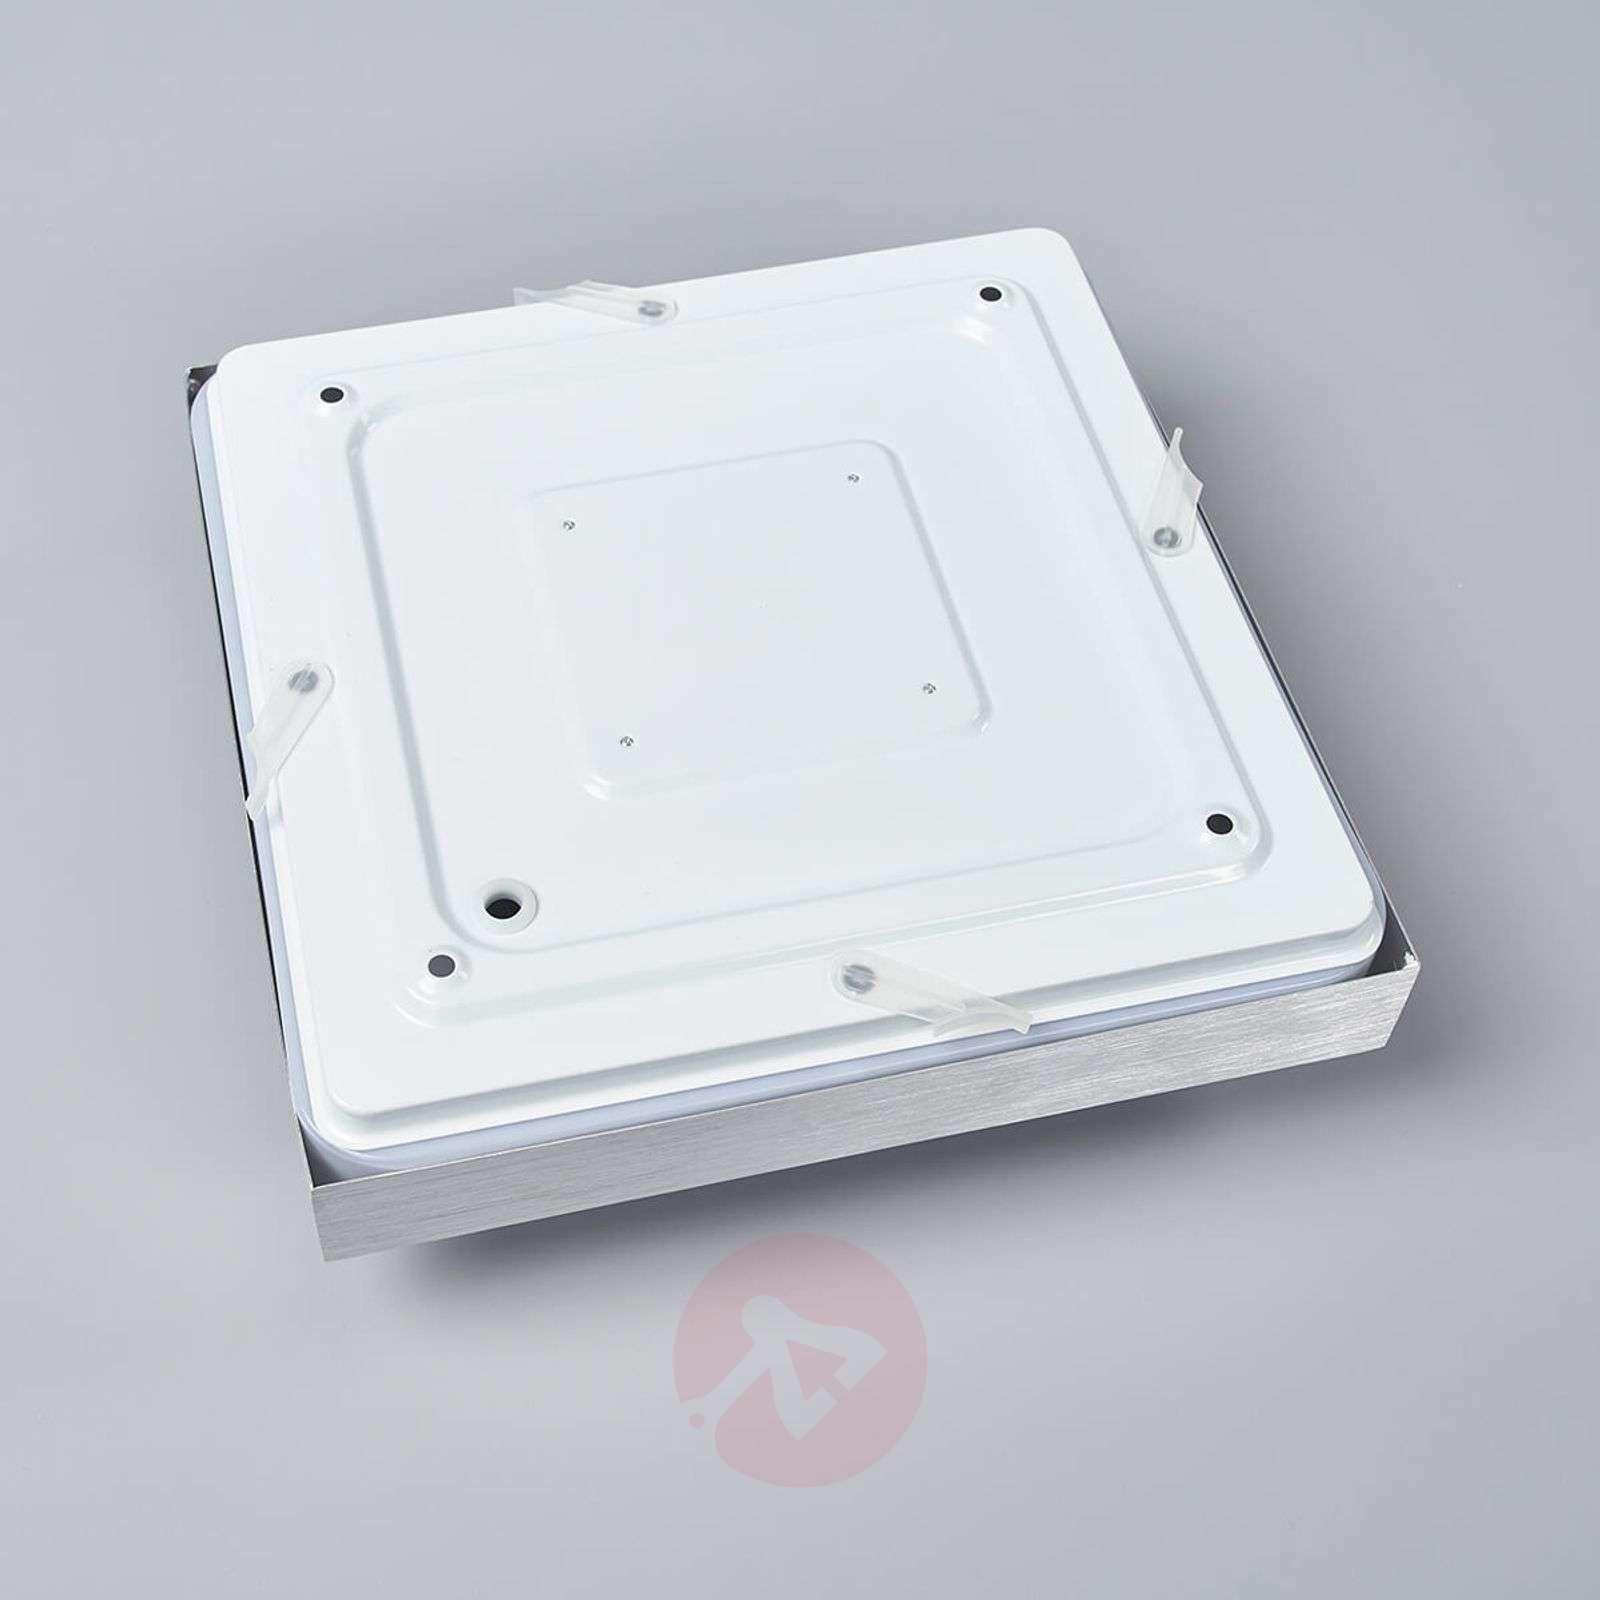 Kaksitasoinen Huberta-LED-kattolamppu-9974014-01